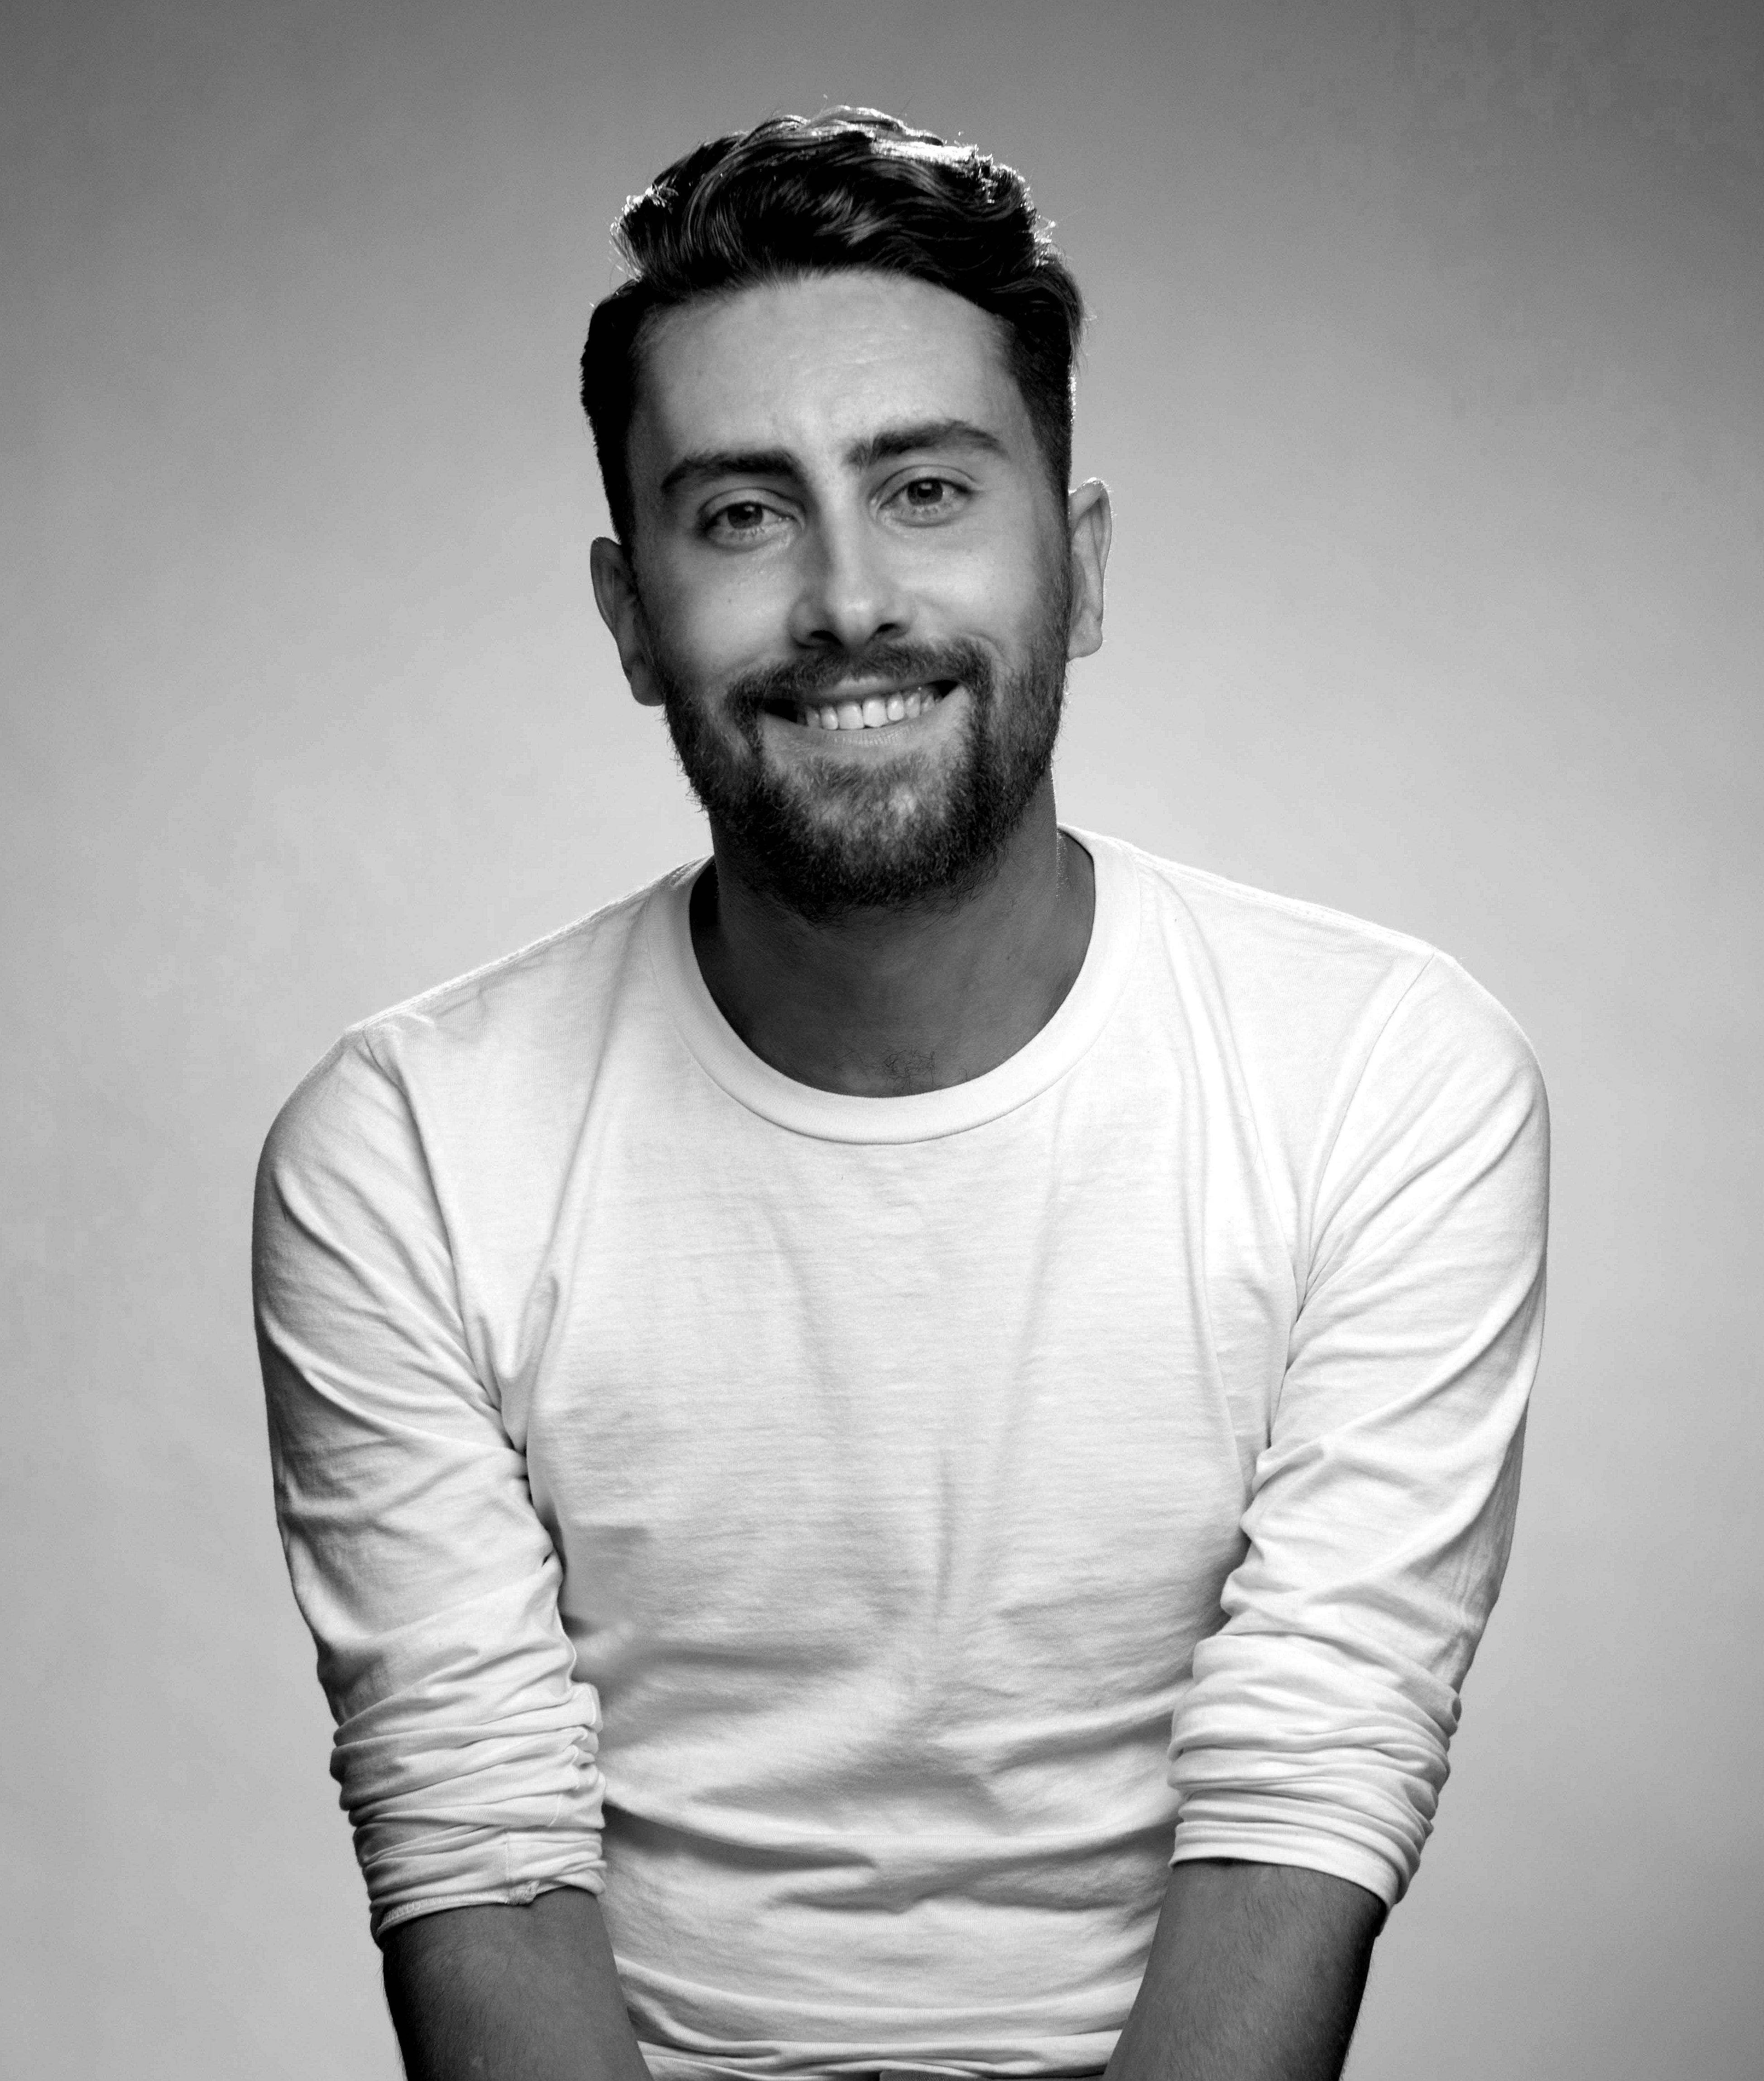 Hiv-positieve man wint Mr Gay Nieuw-Zeeland